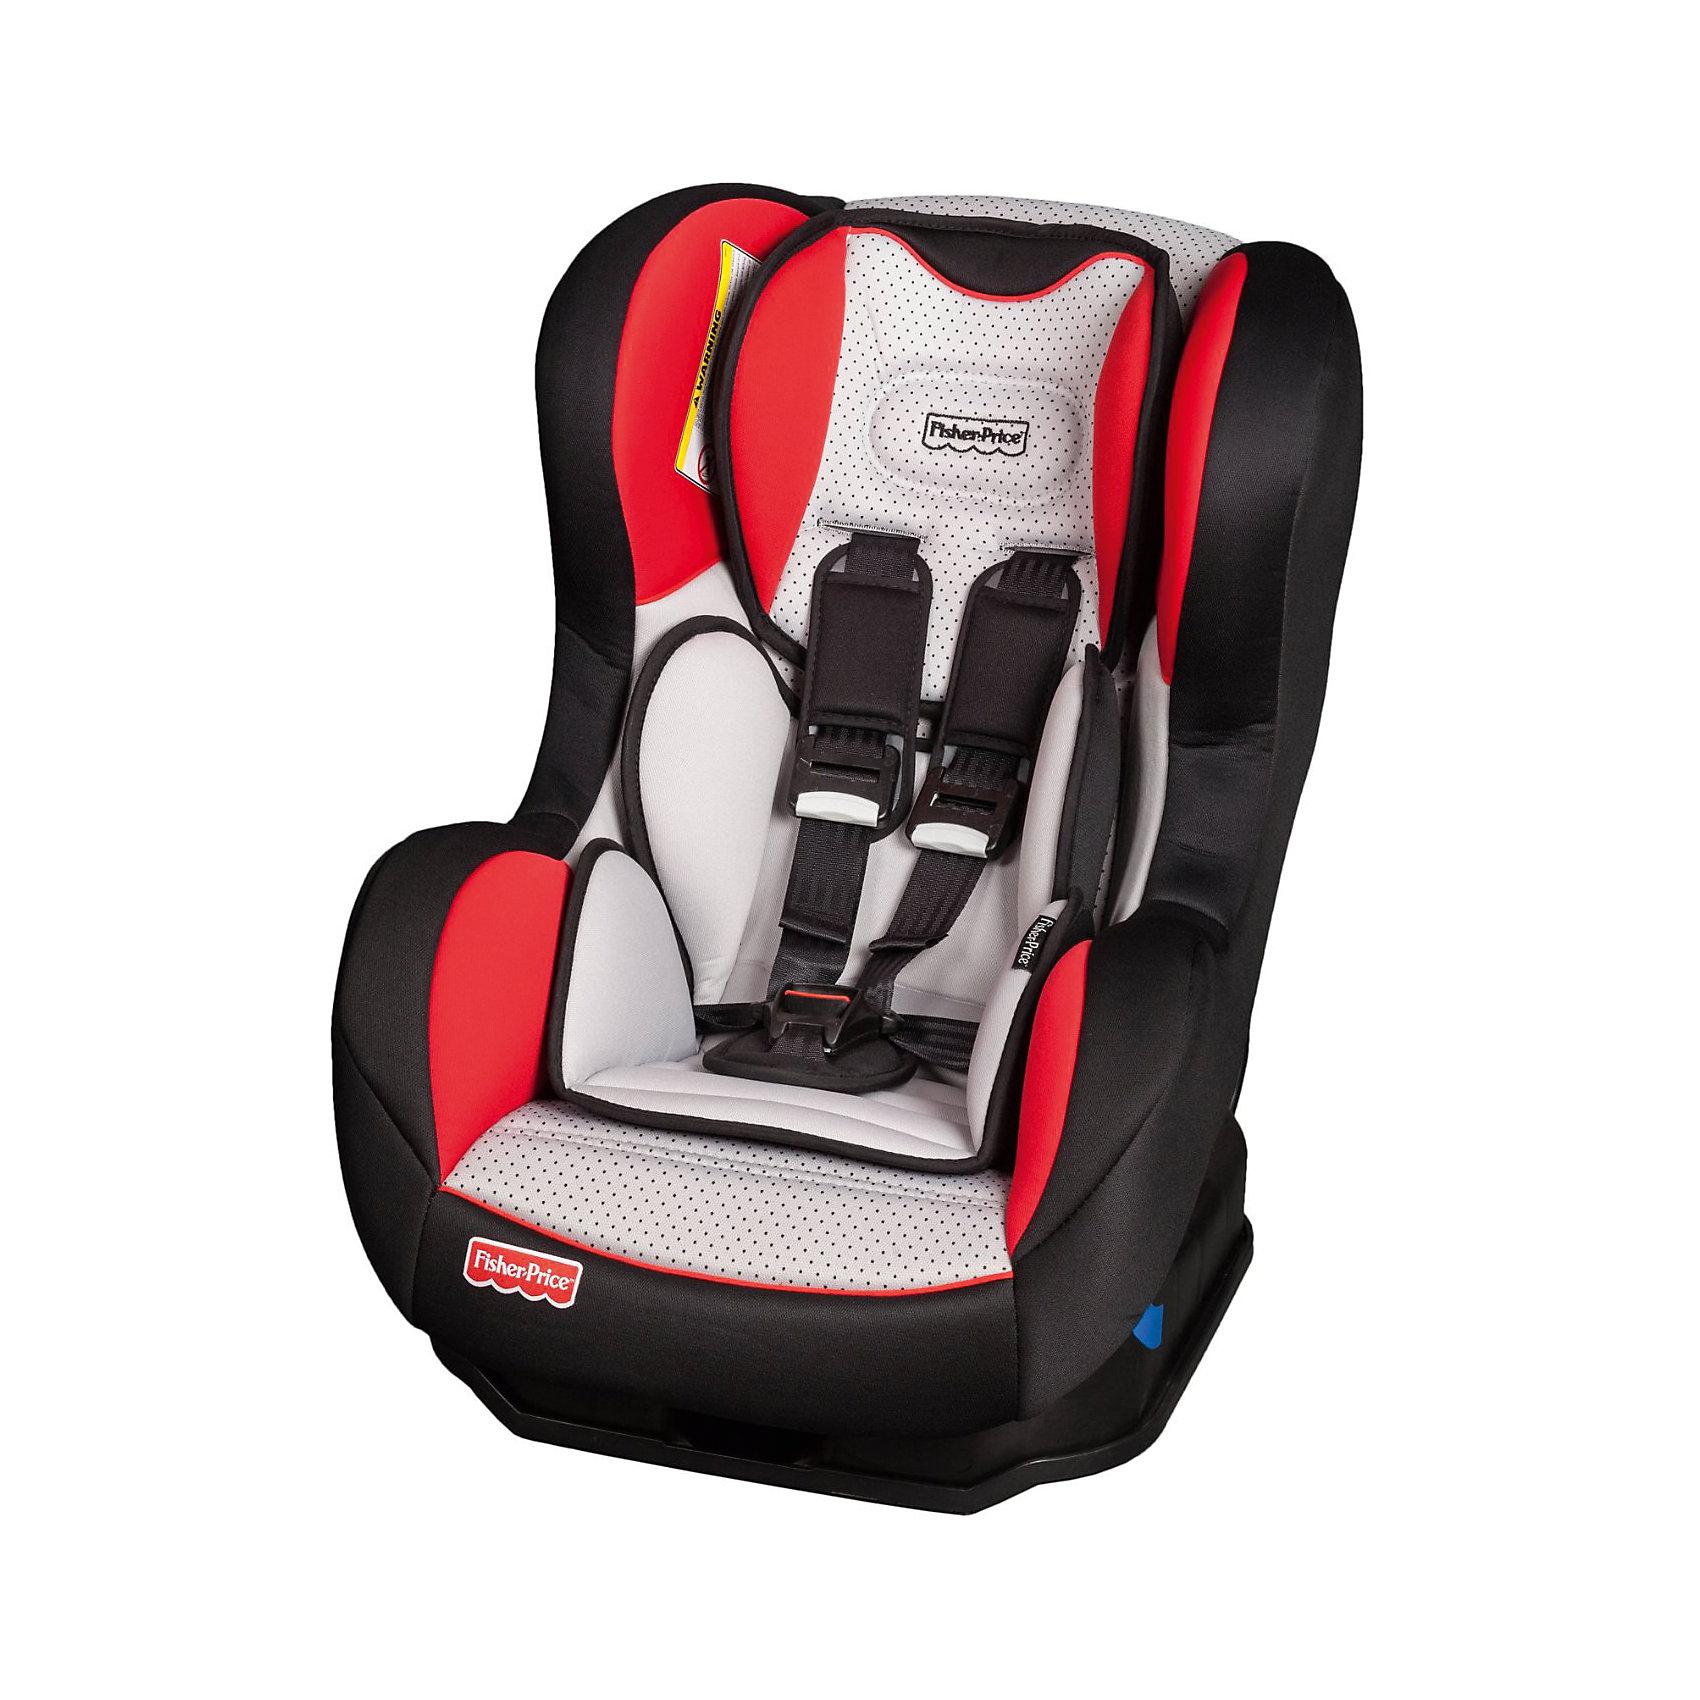 Автокресло Nania Cosmo SP FP, 0-18 кг, cronos primoГруппа 0+, 1 (До 18 кг)<br>Характеристики Nania Cosmo SP FP:<br><br>• группа 0+/1;<br>• вес ребенка: до 18 кг;<br>• возраст ребенка: от рождения до 4-х лет;<br>• способ установки: против хода (до 9 кг) и по ходу движения автомобиля (9-18кг);<br>• способ крепления: штатными ремнями безопасности автомобиля;<br>• 5-ти точечные ремни безопасности с мягкими накладками;<br>• угол наклона спинки регулируется: 3 положения;<br>• анатомический вкладыш для новорожденного, подголовник;<br>• дополнительная защита от боковых ударов, система SP (side protection);<br>• съемные чехлы, стирка при температуре 30 градусов;<br>• материал: пластик, полиэстер;<br>• стандарт безопасности: ЕСЕ R44/03.<br><br>Размер автокресла: 54x45x61 см<br>Вес автокресла: 5,7 кг<br><br>Автокресло Nania Cosmo SP FP устанавливается как по ходу движения, так и против хода движения автомобиля, как на заднем сиденье автомобиля, так и на переднем сиденье автомобиля (с условием отключения подушки безопасности). Регулируемая спинка дает возможность малышу занять удобное положение, как во время сна, так и во время бодрствования. Автокресло соответствует всем стандартам безопасности.<br><br>Автокресло Cosmo SP FP, 0-18 кг., Nania, cronos primo можно купить в нашем интернет-магазине.<br><br>Ширина мм: 600<br>Глубина мм: 500<br>Высота мм: 700<br>Вес г: 6000<br>Возраст от месяцев: 0<br>Возраст до месяцев: 48<br>Пол: Унисекс<br>Возраст: Детский<br>SKU: 5350604